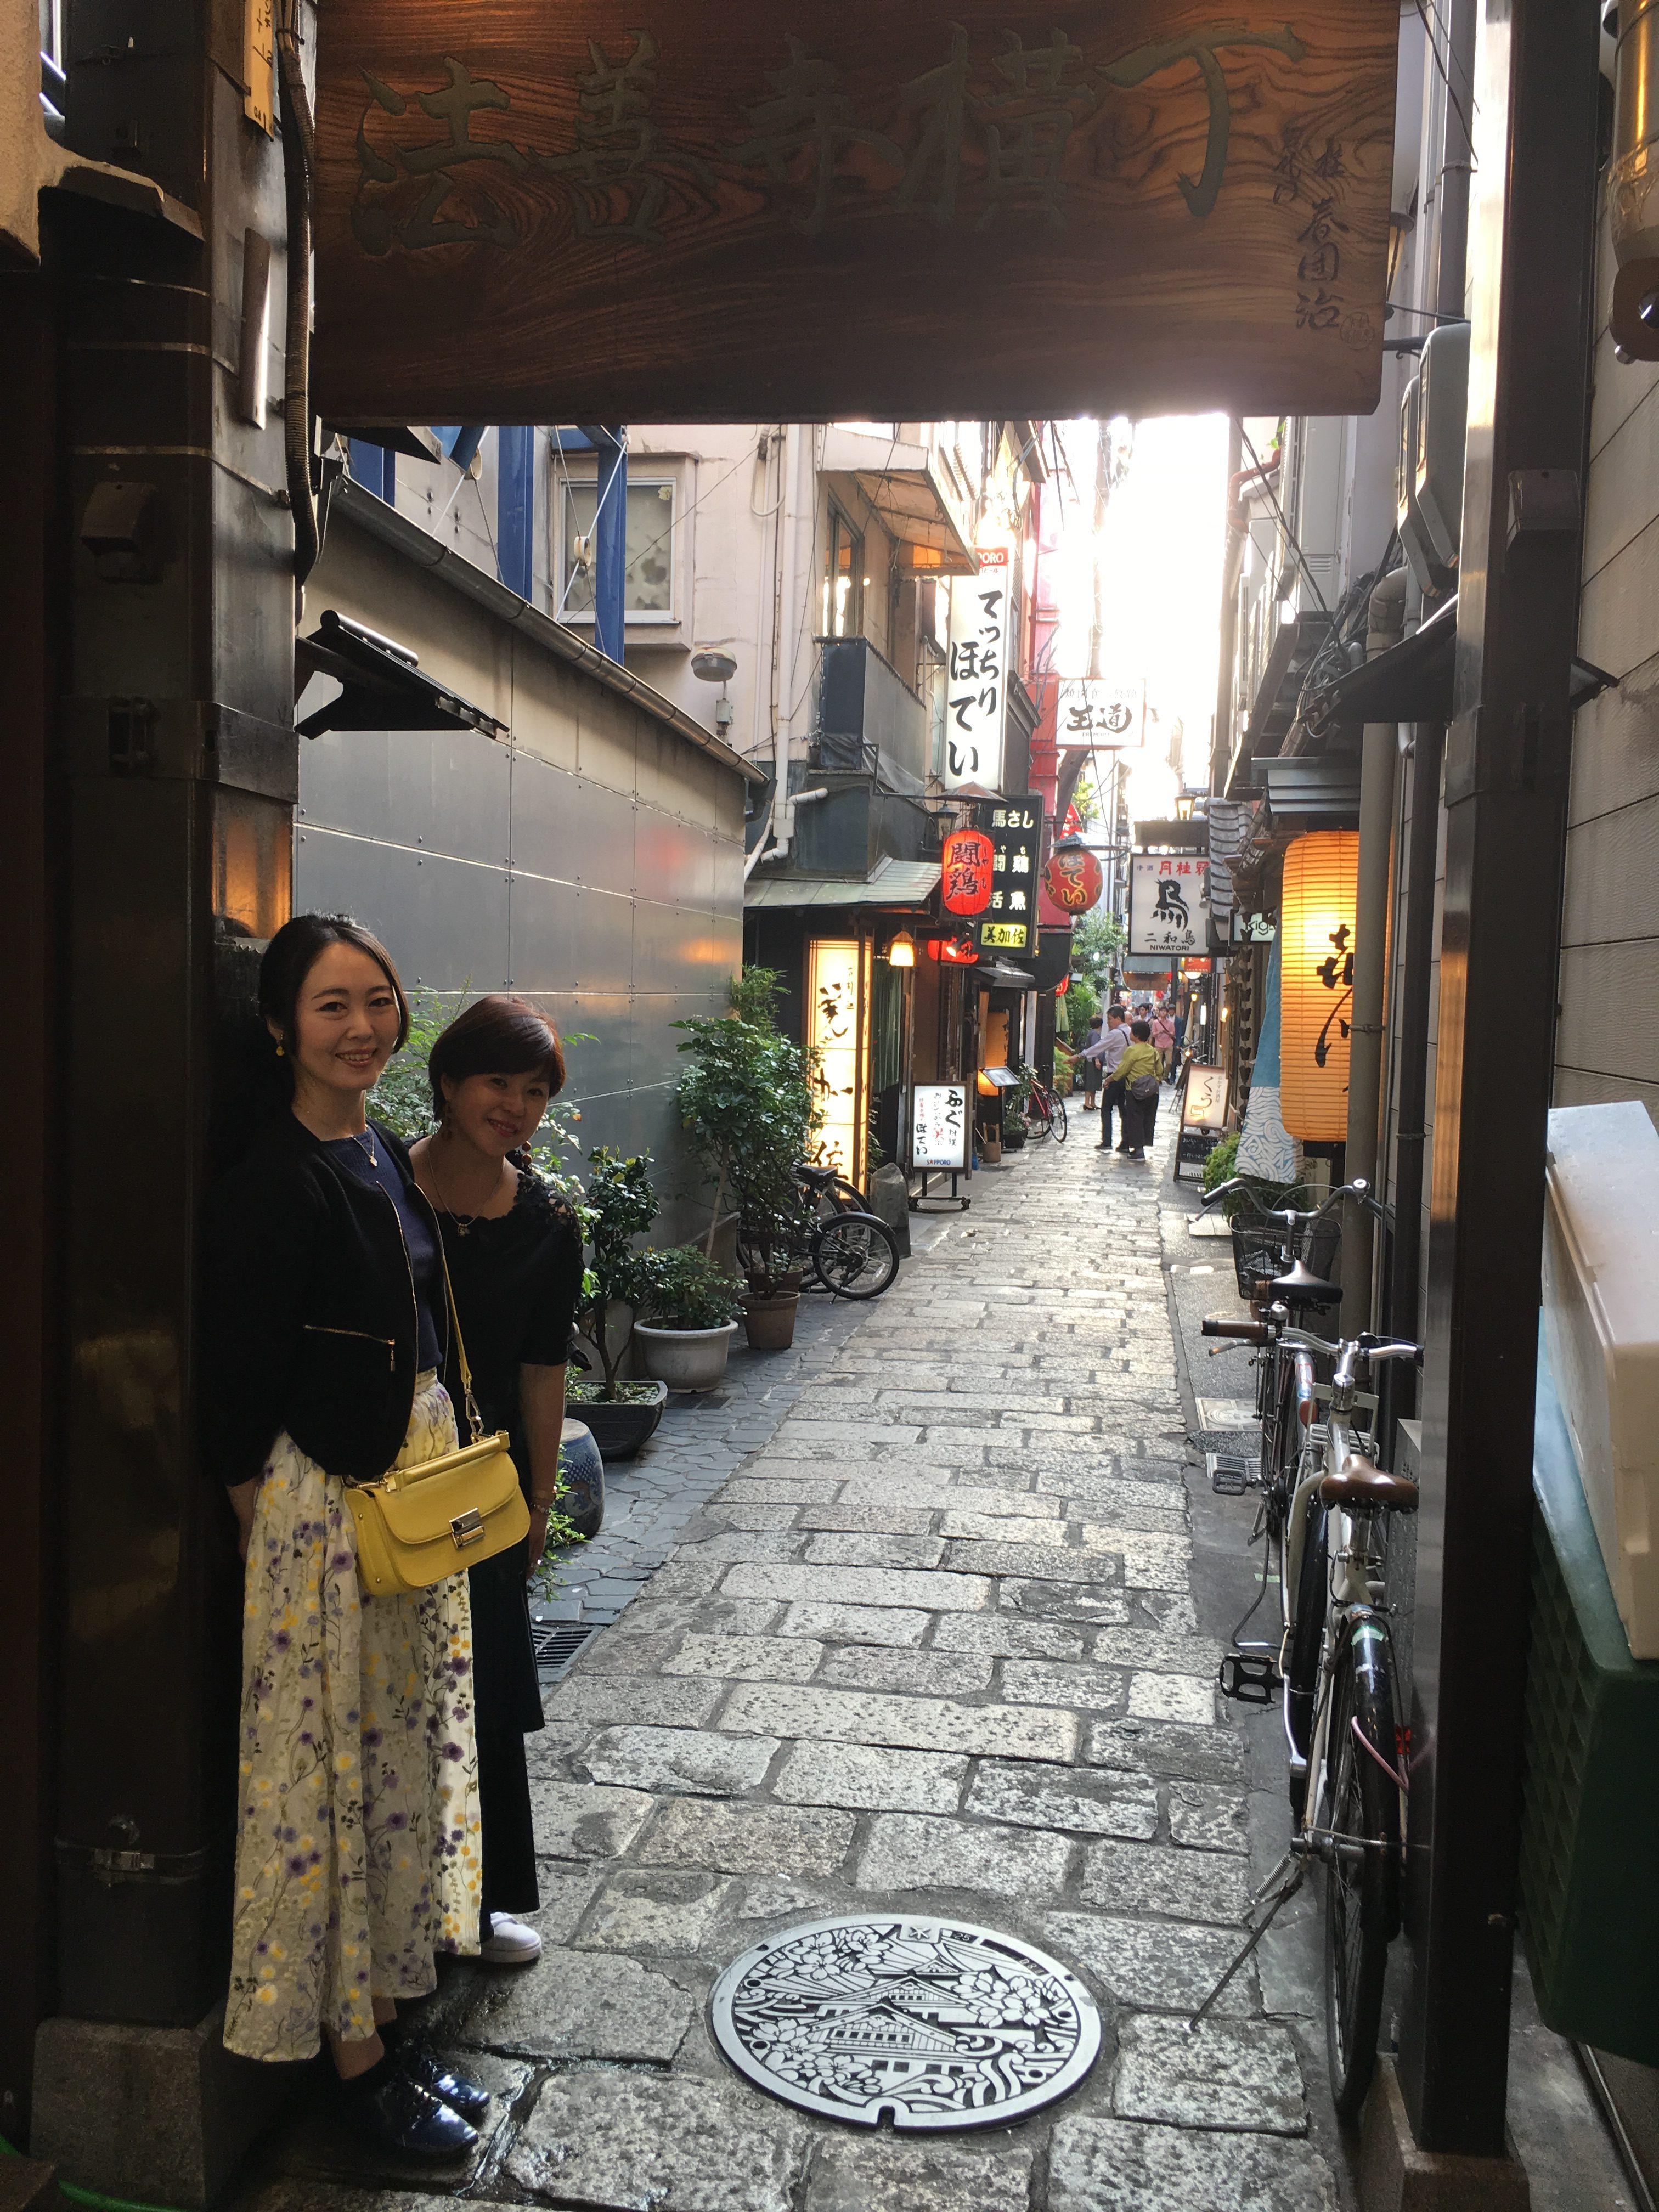 大阪コテコテツアー新世界〜裏難波 名古屋嬢を引きずり回しの刑に処す